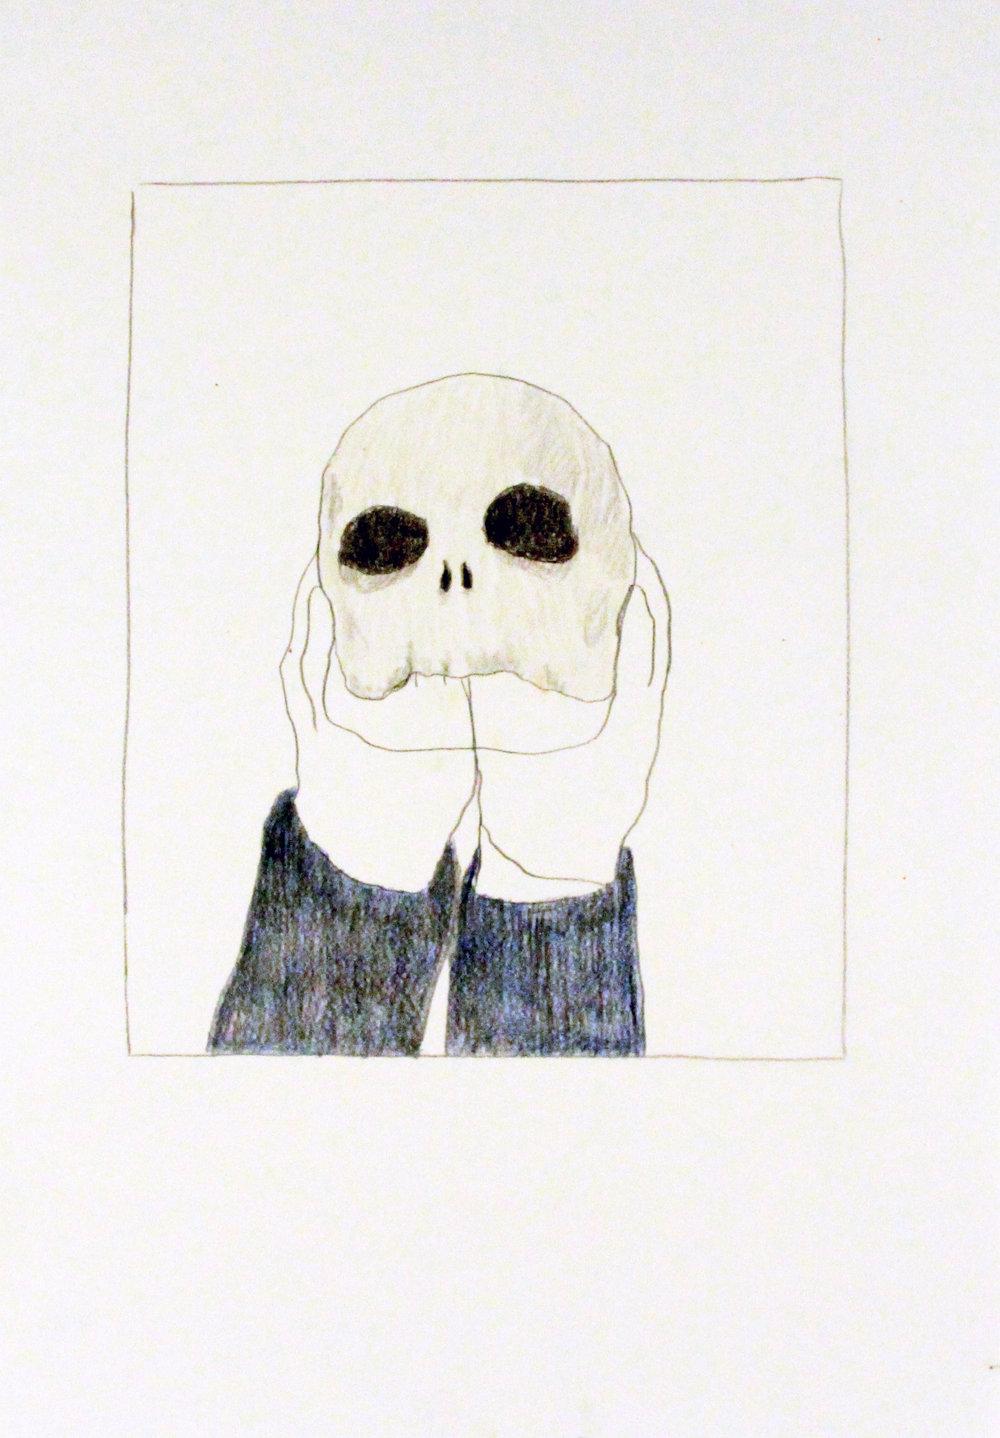 Skull_42x29cm_Pencil on paper.jpg